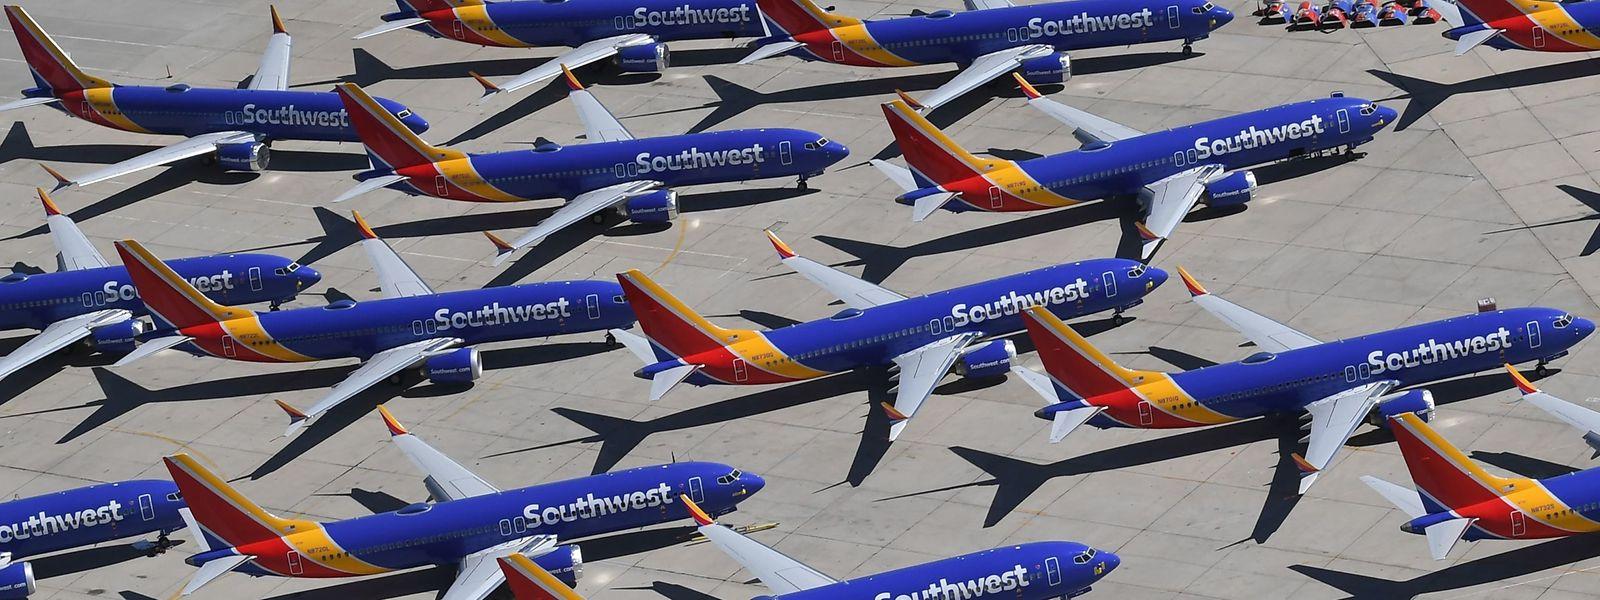 Stillgelegte Maschinen des Typs Boeing 737 MAX der Southwest Airlines.